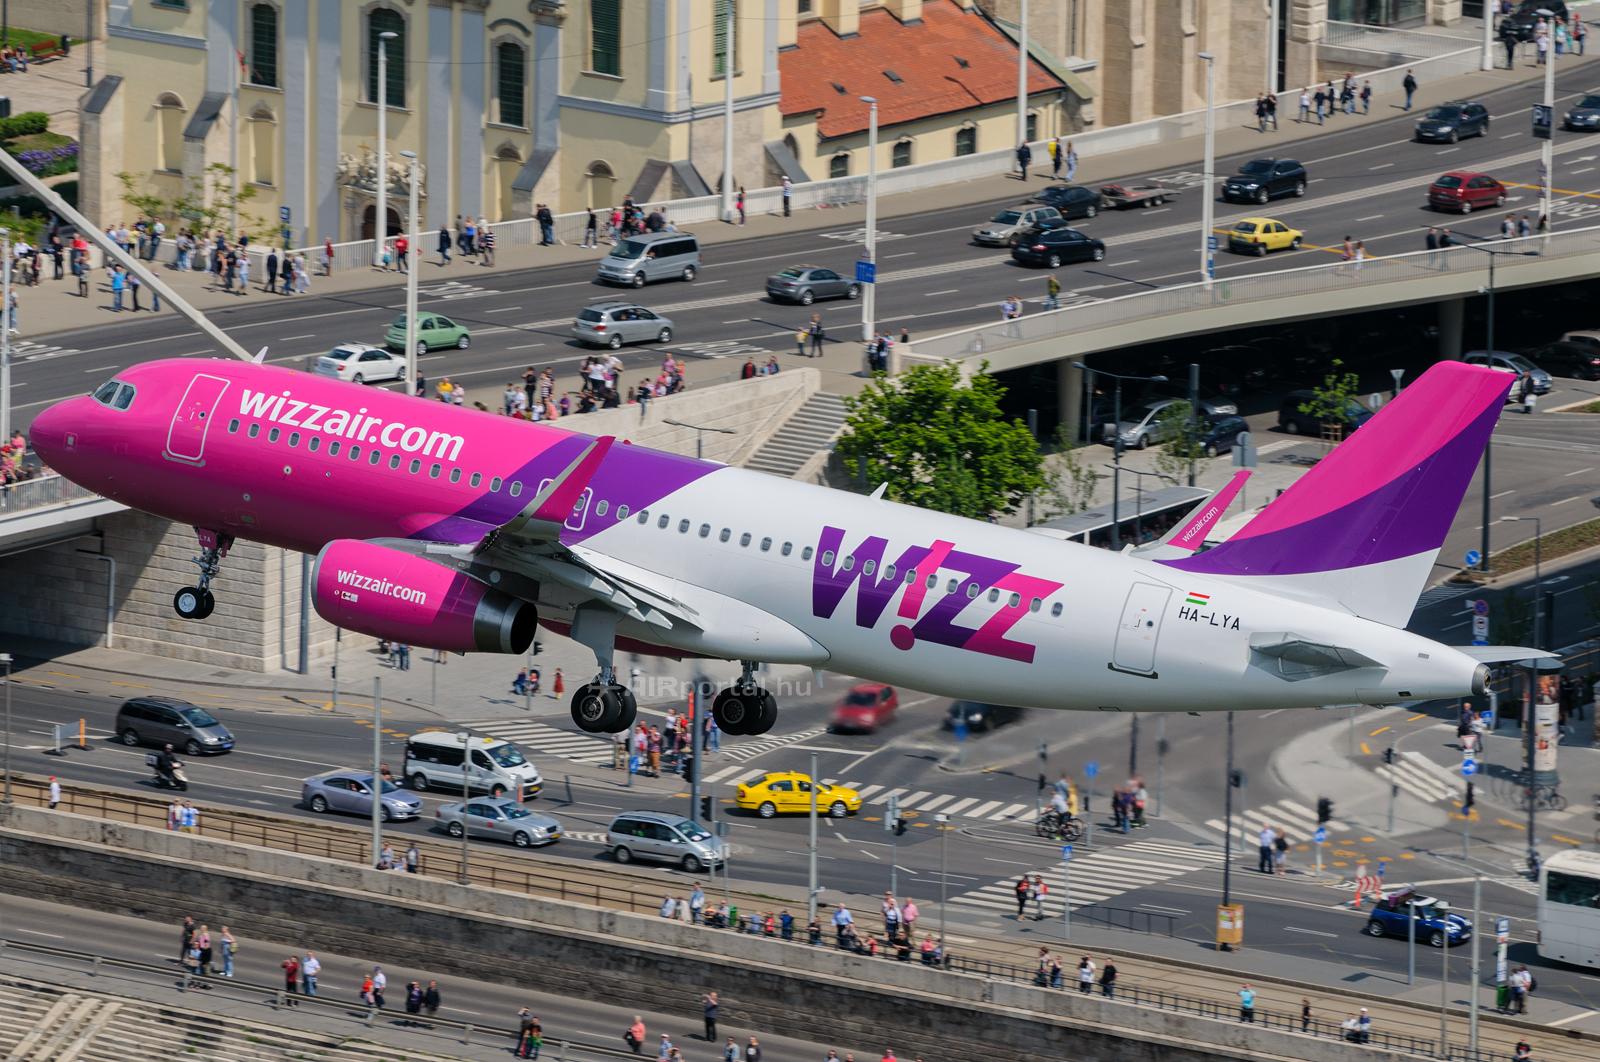 A hírek szerint ismét repülhet a Wizz Air Azerbajdzsánba, a kérdés csupán az, hogy mikortól. Vajon mellettük várható-e még az Azerbaijan Airlines budapesti megjelenése is? (Fotó: Kovács Gábor - AIRportal.hu) | © AIRportal.hu